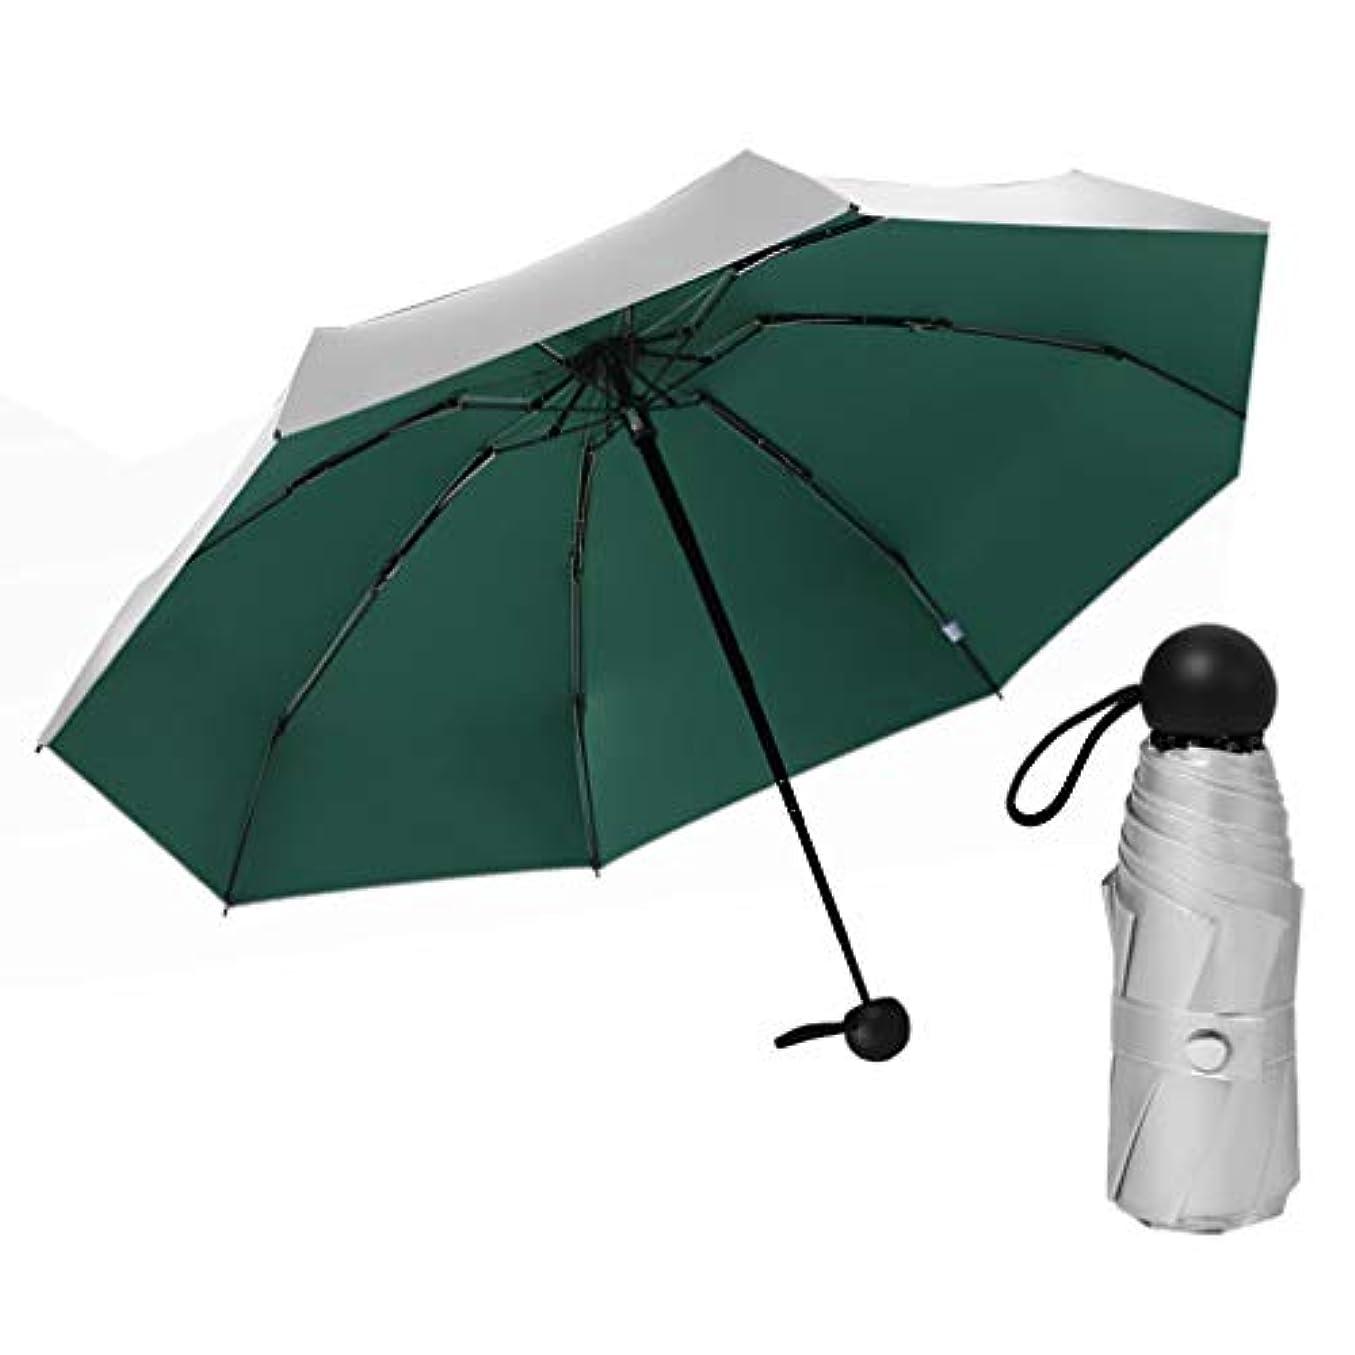 努力するそれにもかかわらずそんなに日傘 uvカット 100 遮光 折りたたみ 折りたたみ傘 おりたたみ傘 メンズ レディース 折り畳み傘 晴雨兼用 ミニ傘 超軽量 収納ポーチ付き 父の日 体感温度下がり5-13℃